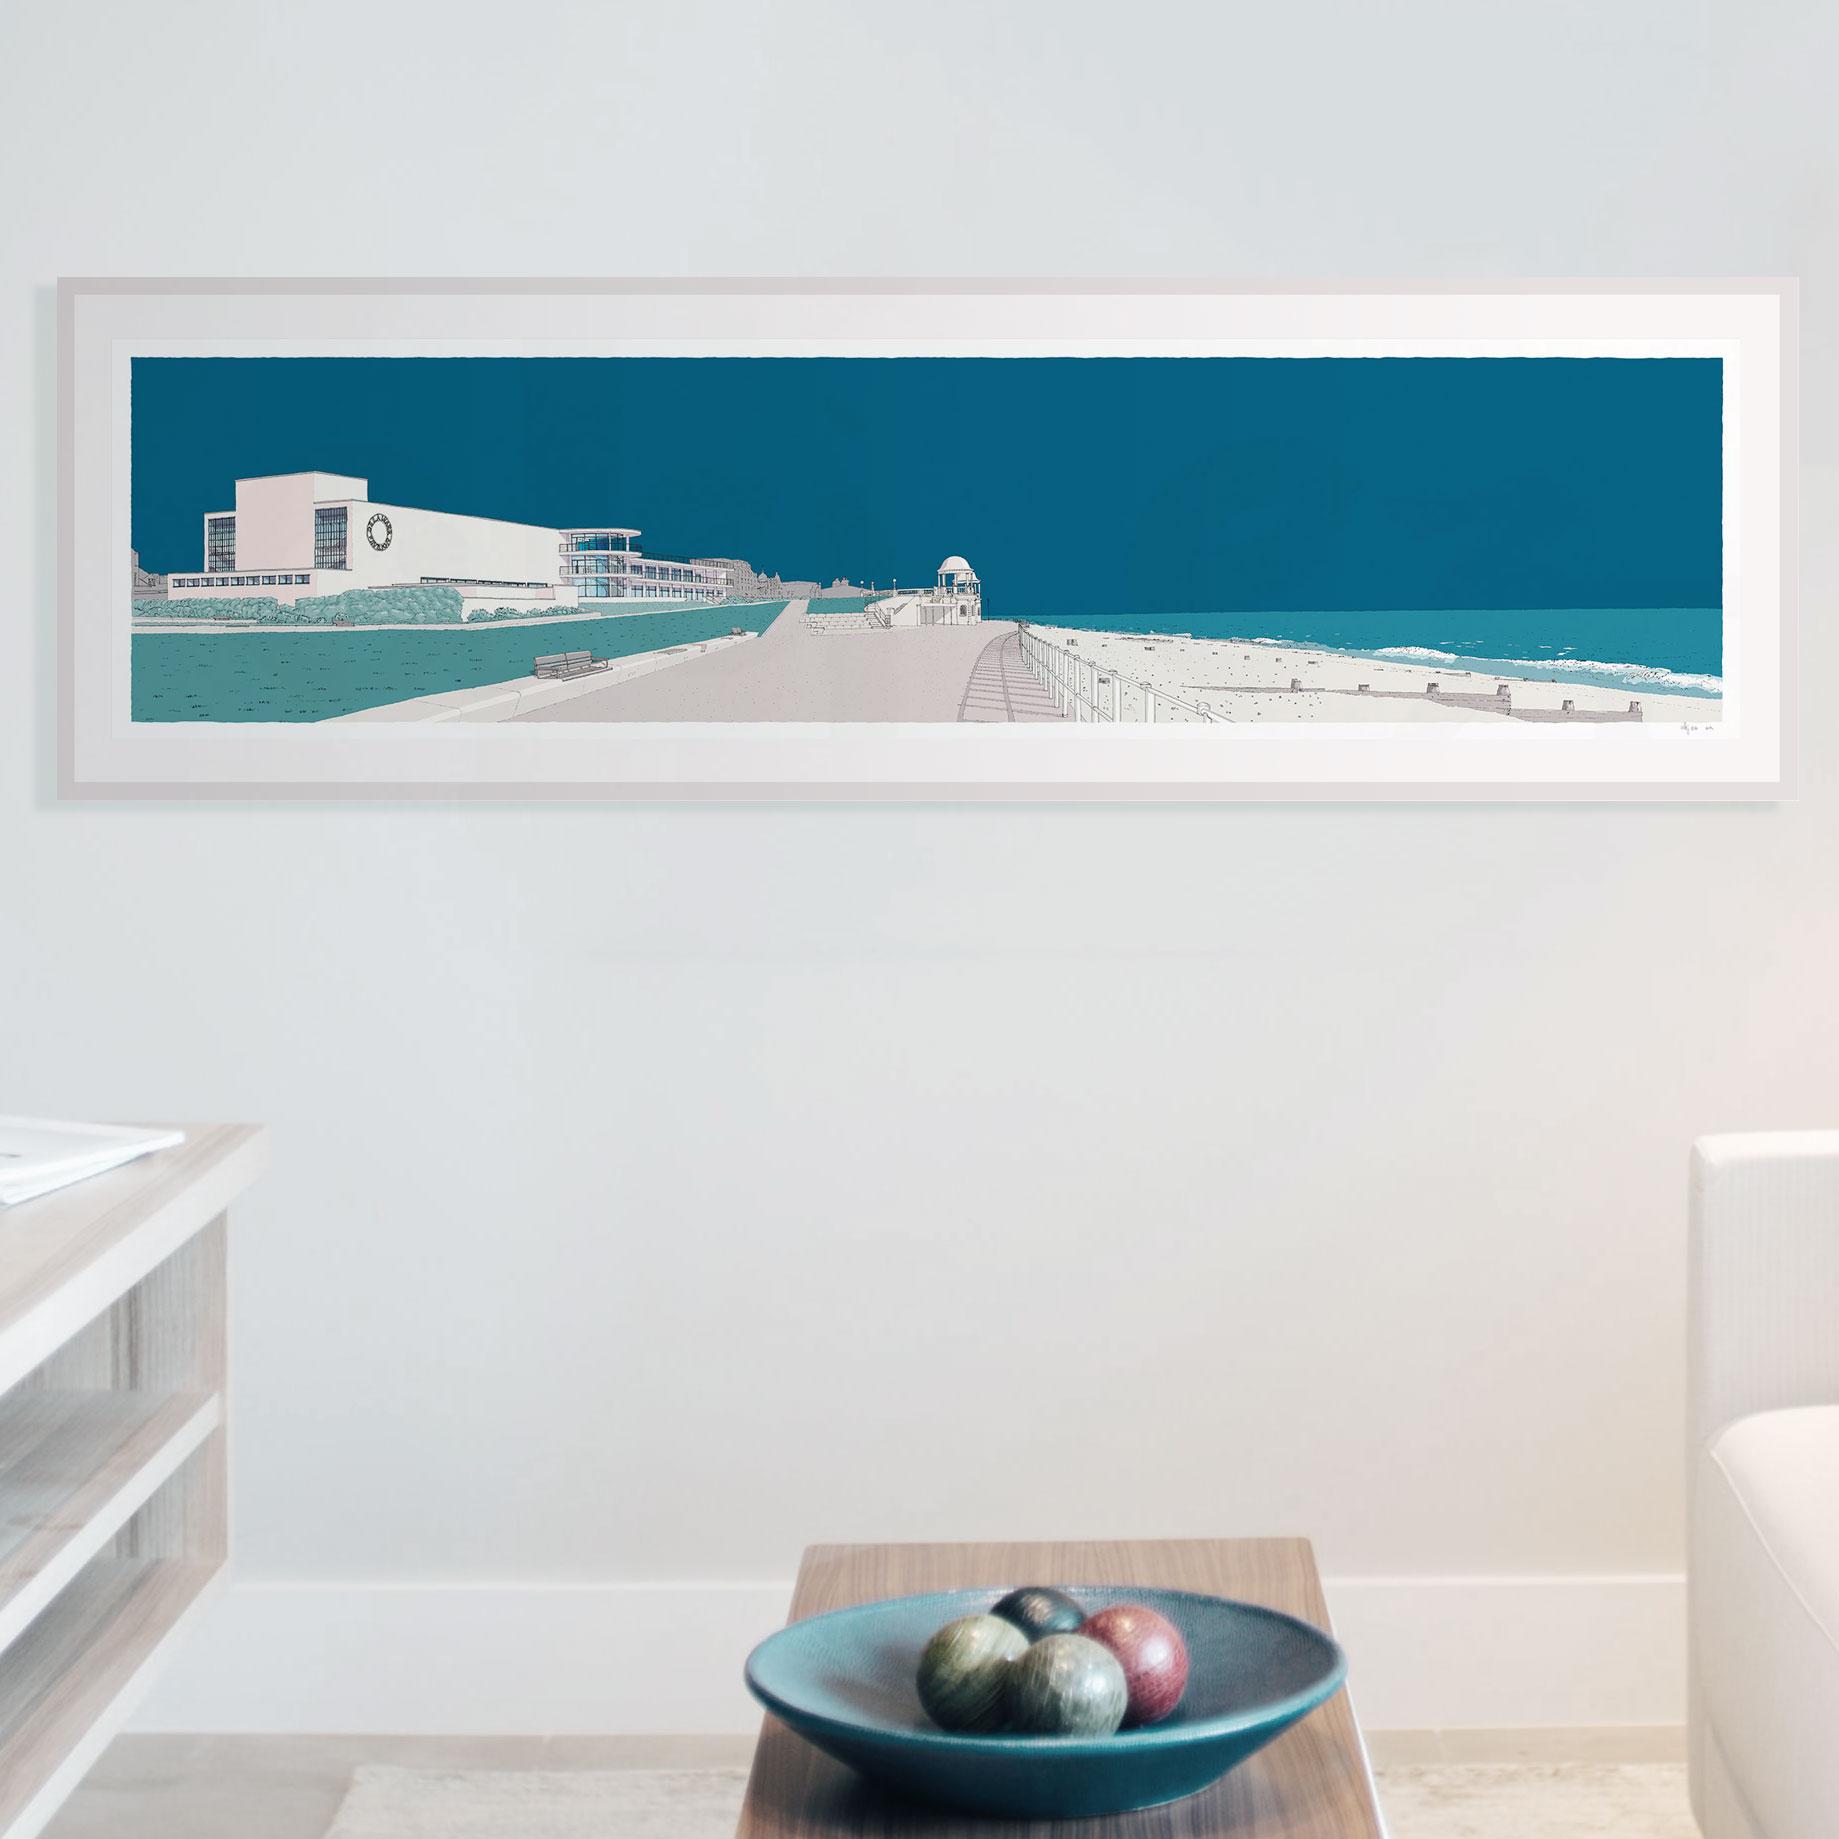 framed art print by artist alej ez named De la Warr Pavilion Bexhill on Sea Ocean Blue